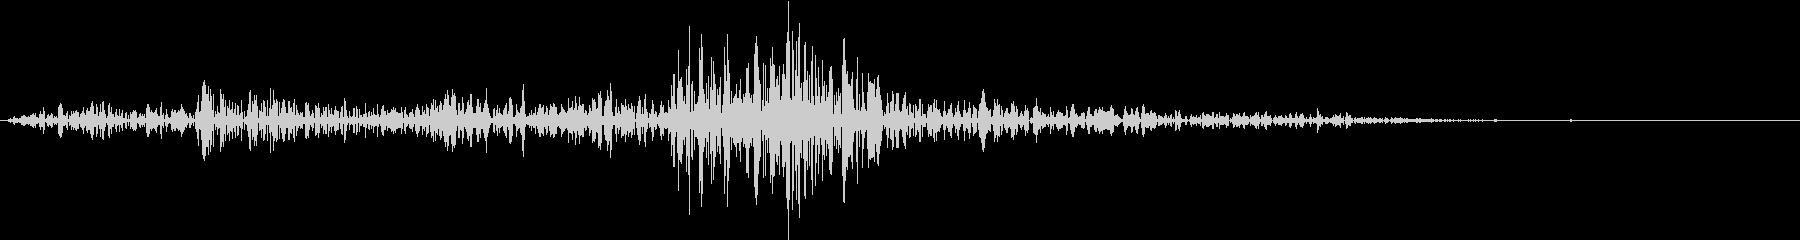 Lighter ライターの音 ジッ 2の未再生の波形